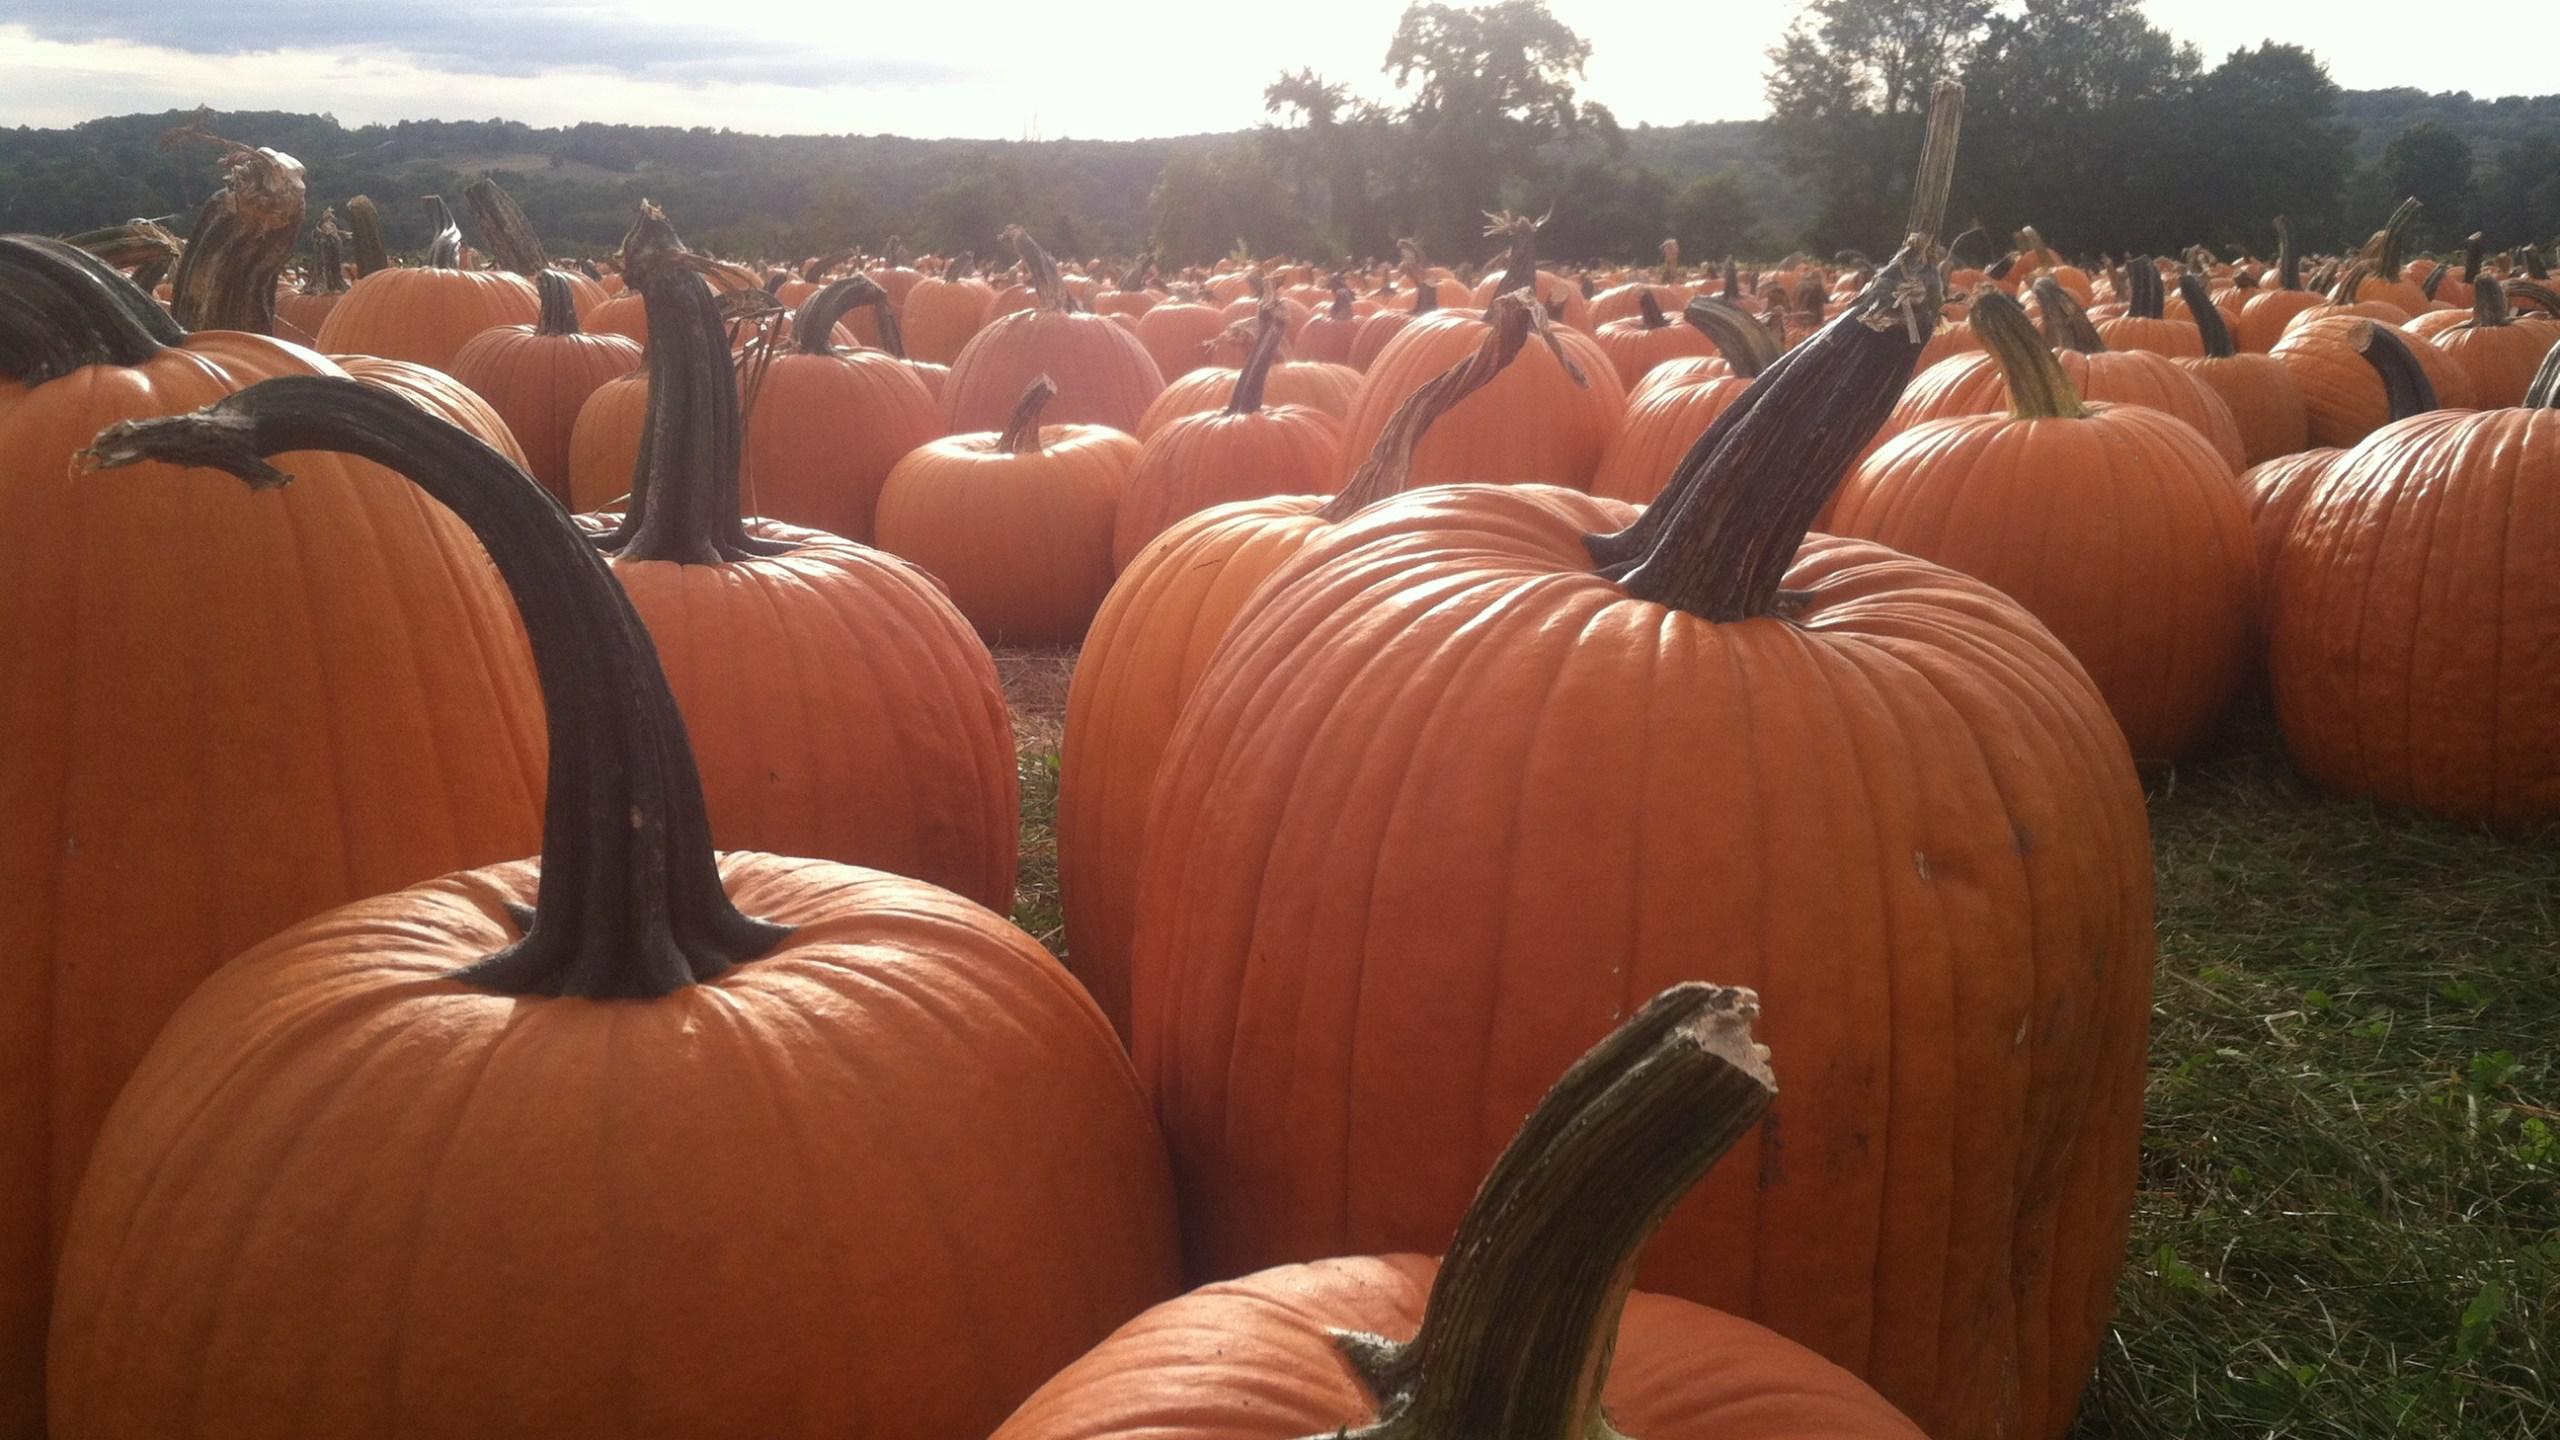 pumpkins at jones farm in shelton by josh scheinblum_174519